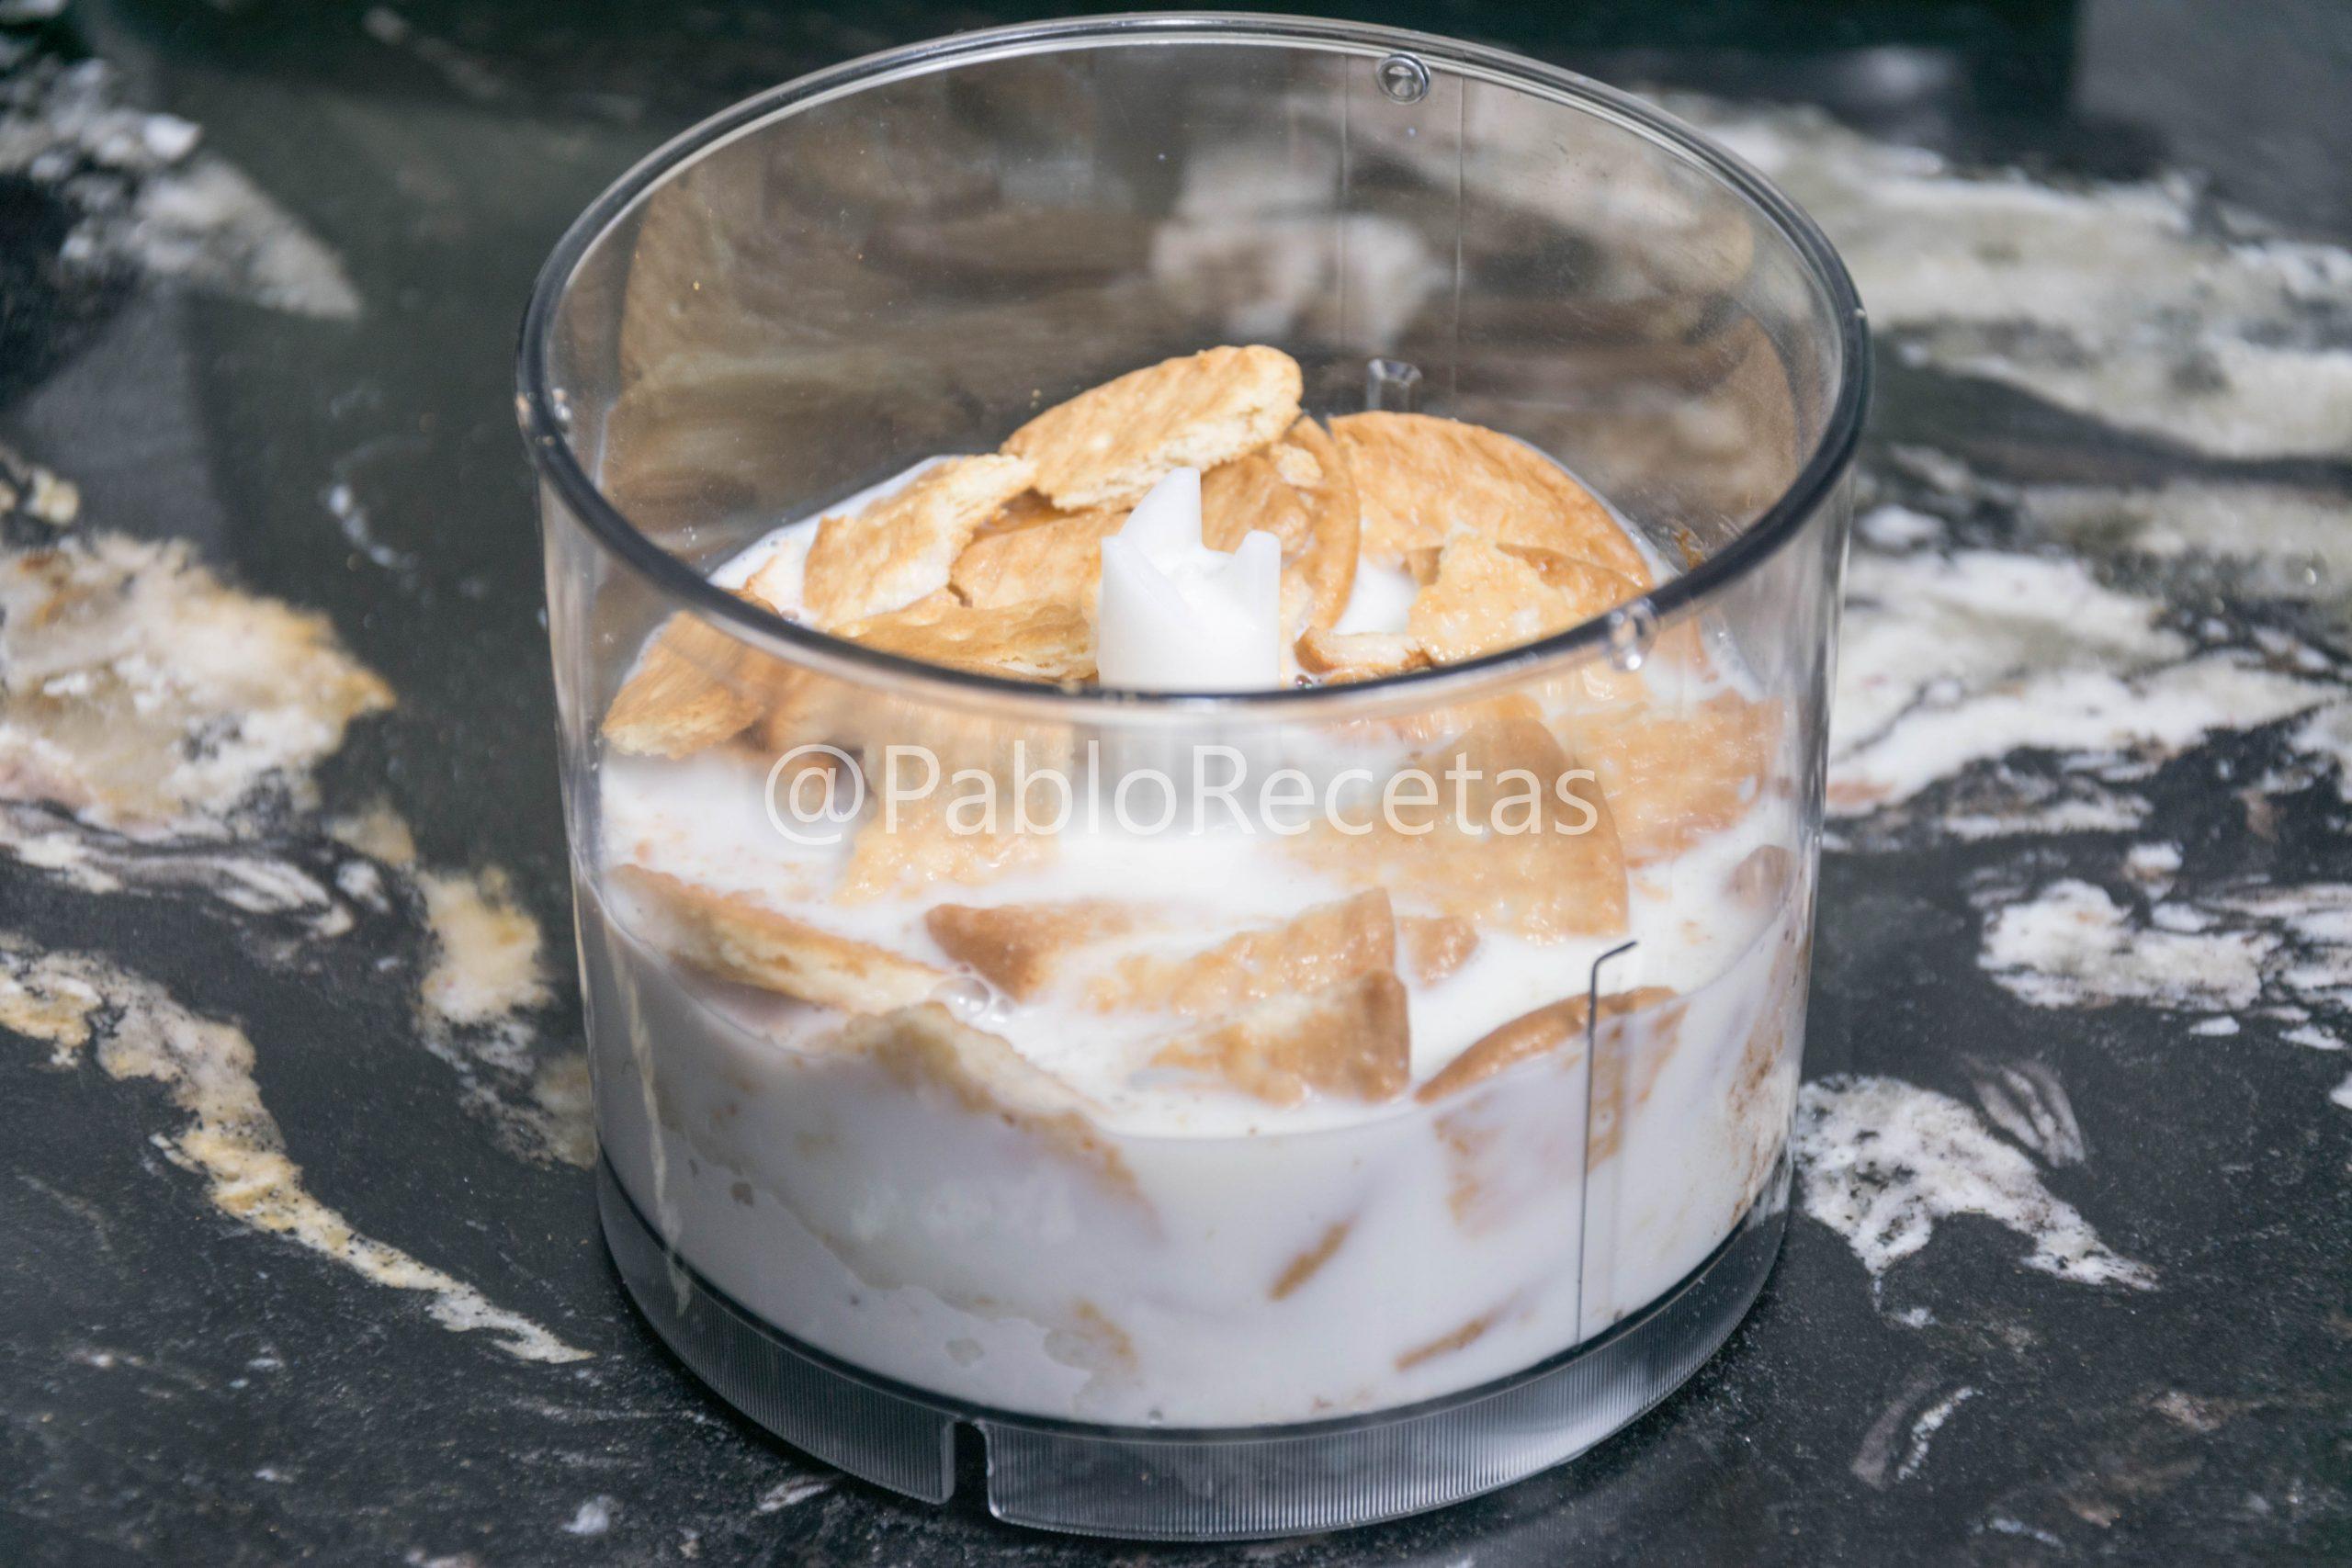 Parte de la crema de galletas.